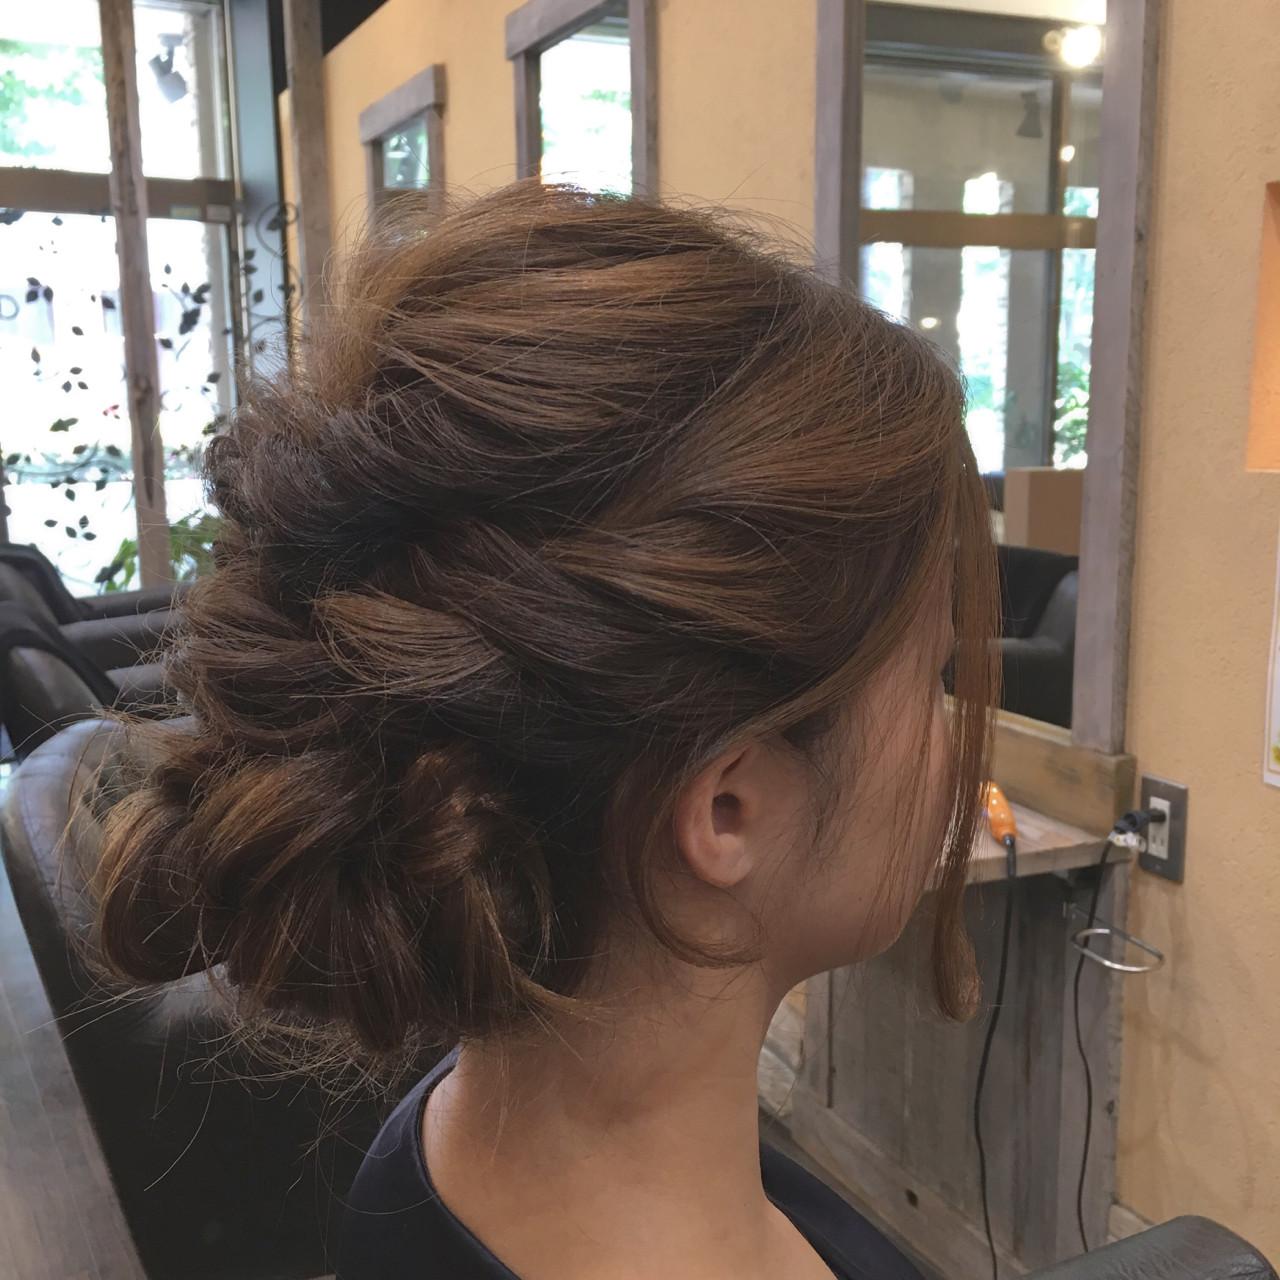 フェミニン アップスタイル ミディアム パーティ ヘアスタイルや髪型の写真・画像